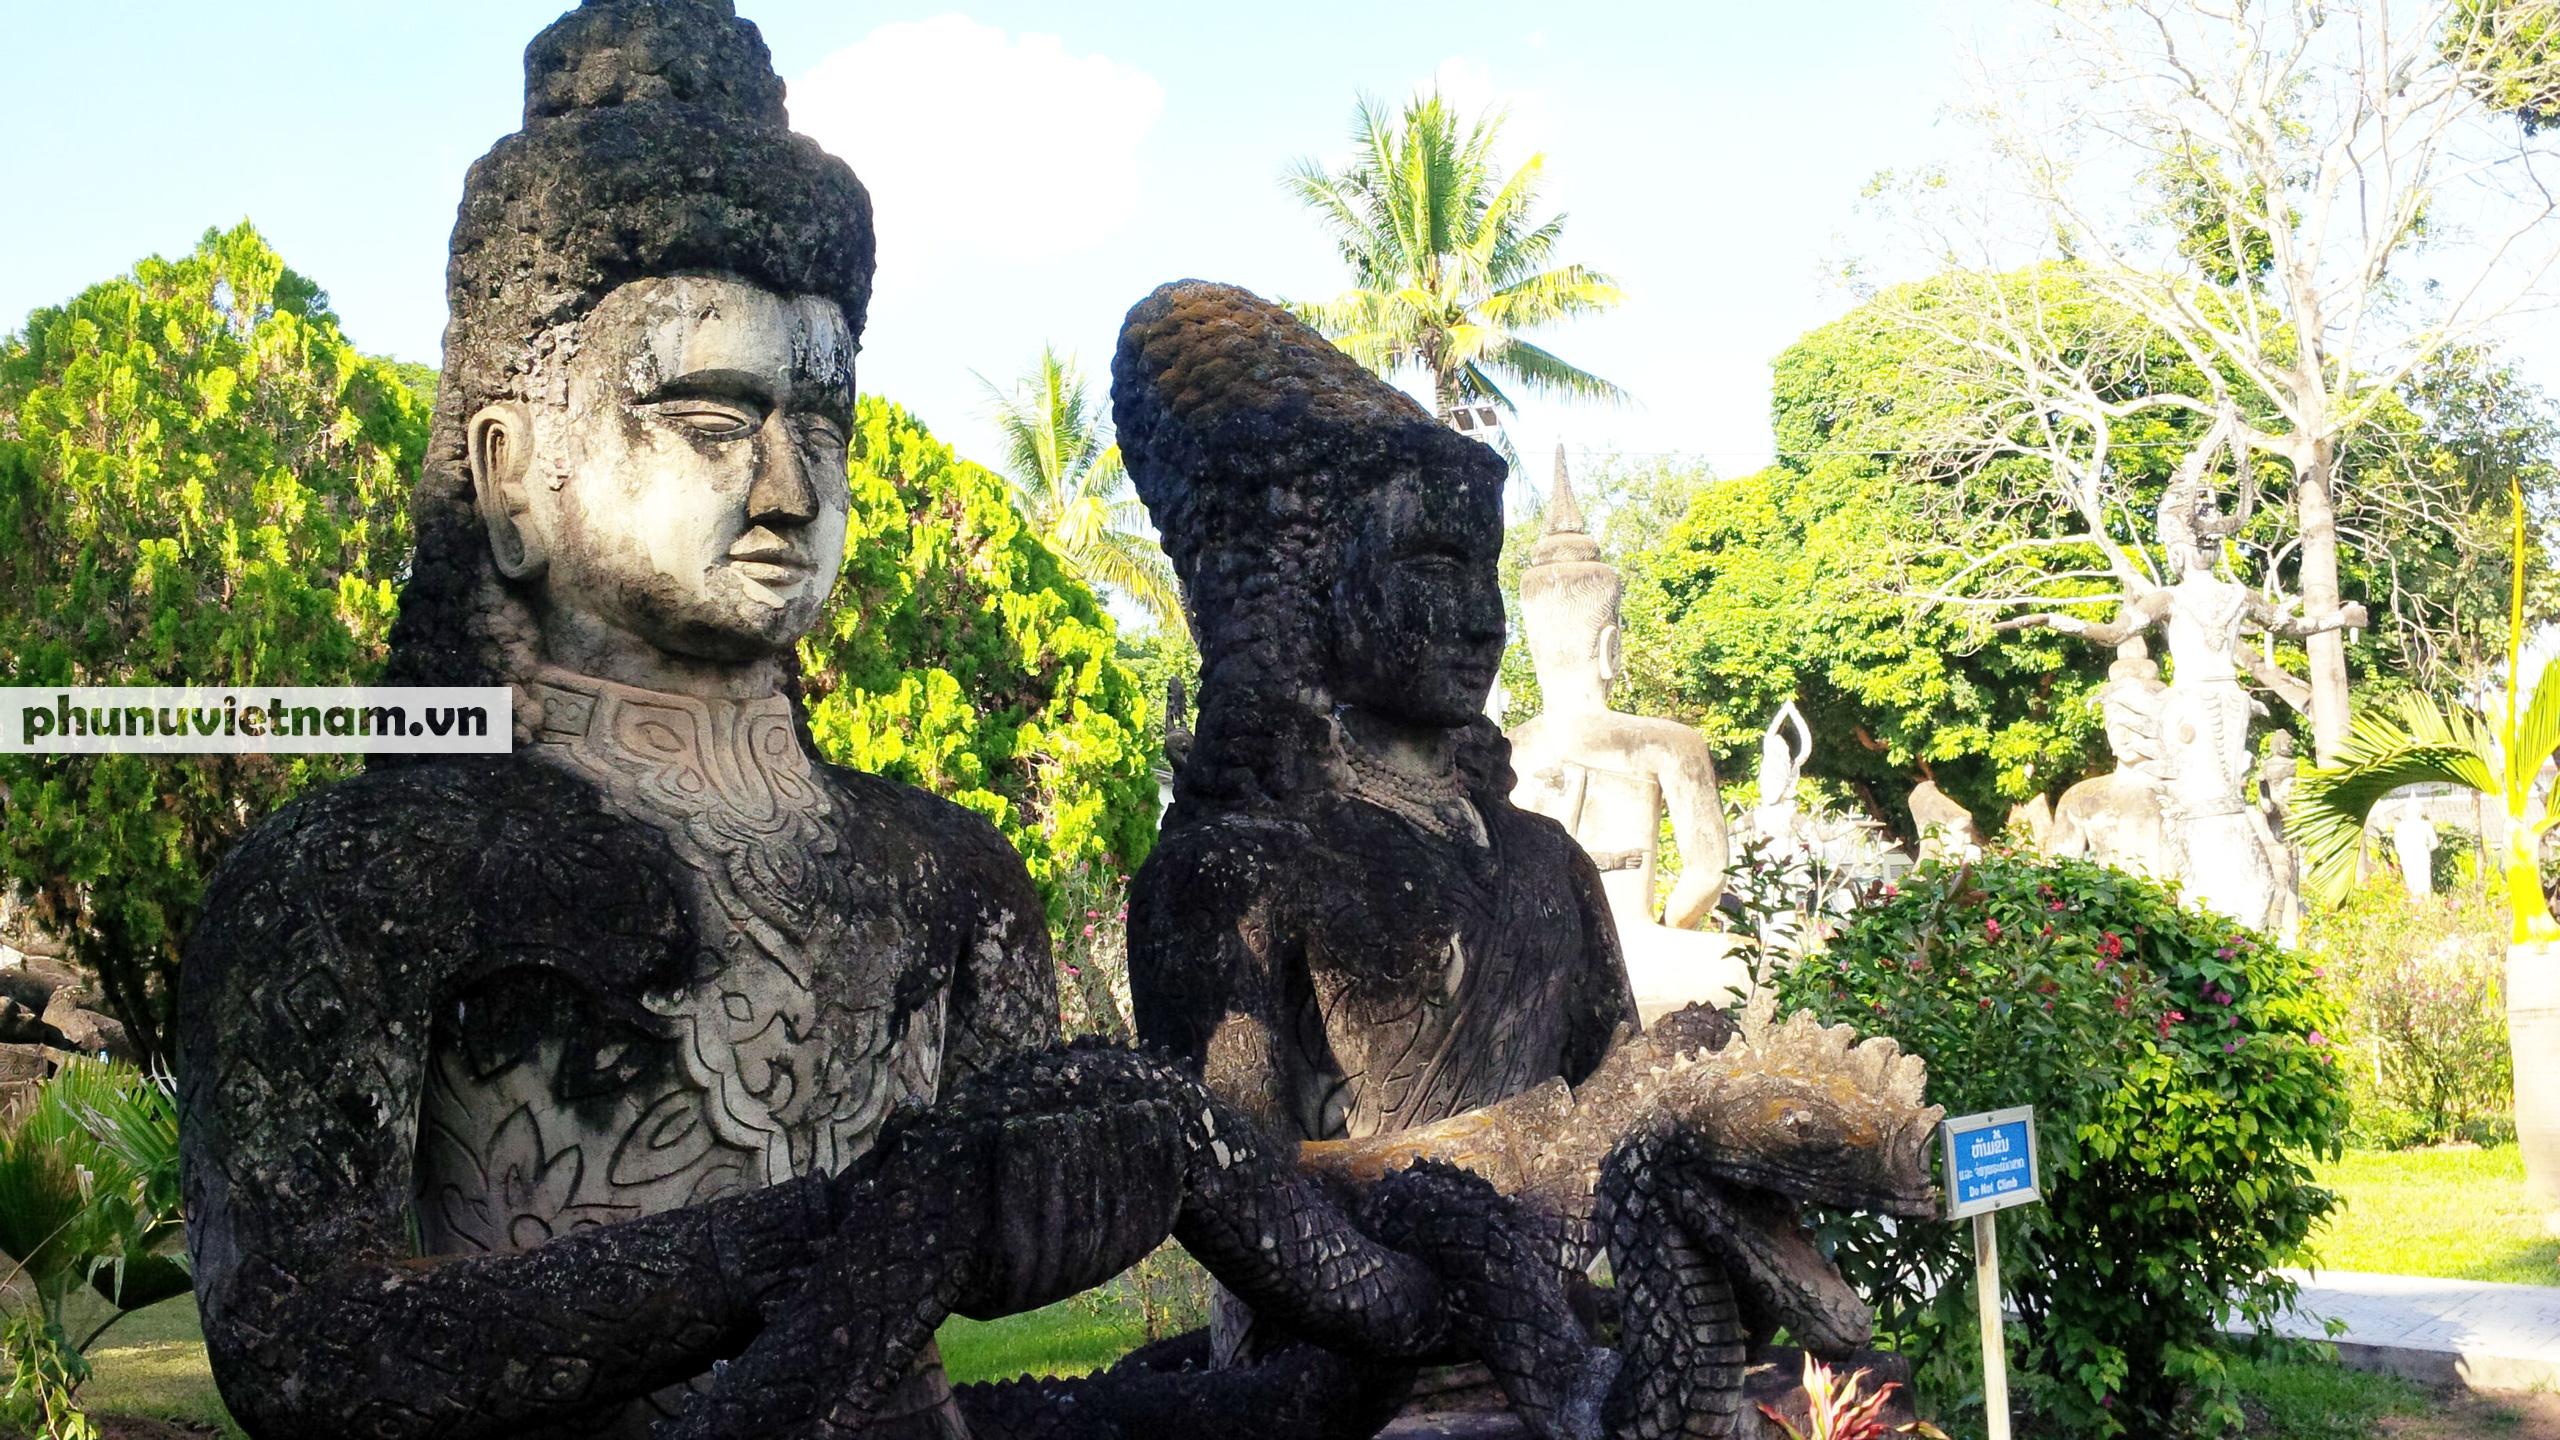 Độc đáo những bức tượng rắn trong chùa ở Viêng Chăn - Ảnh 8.